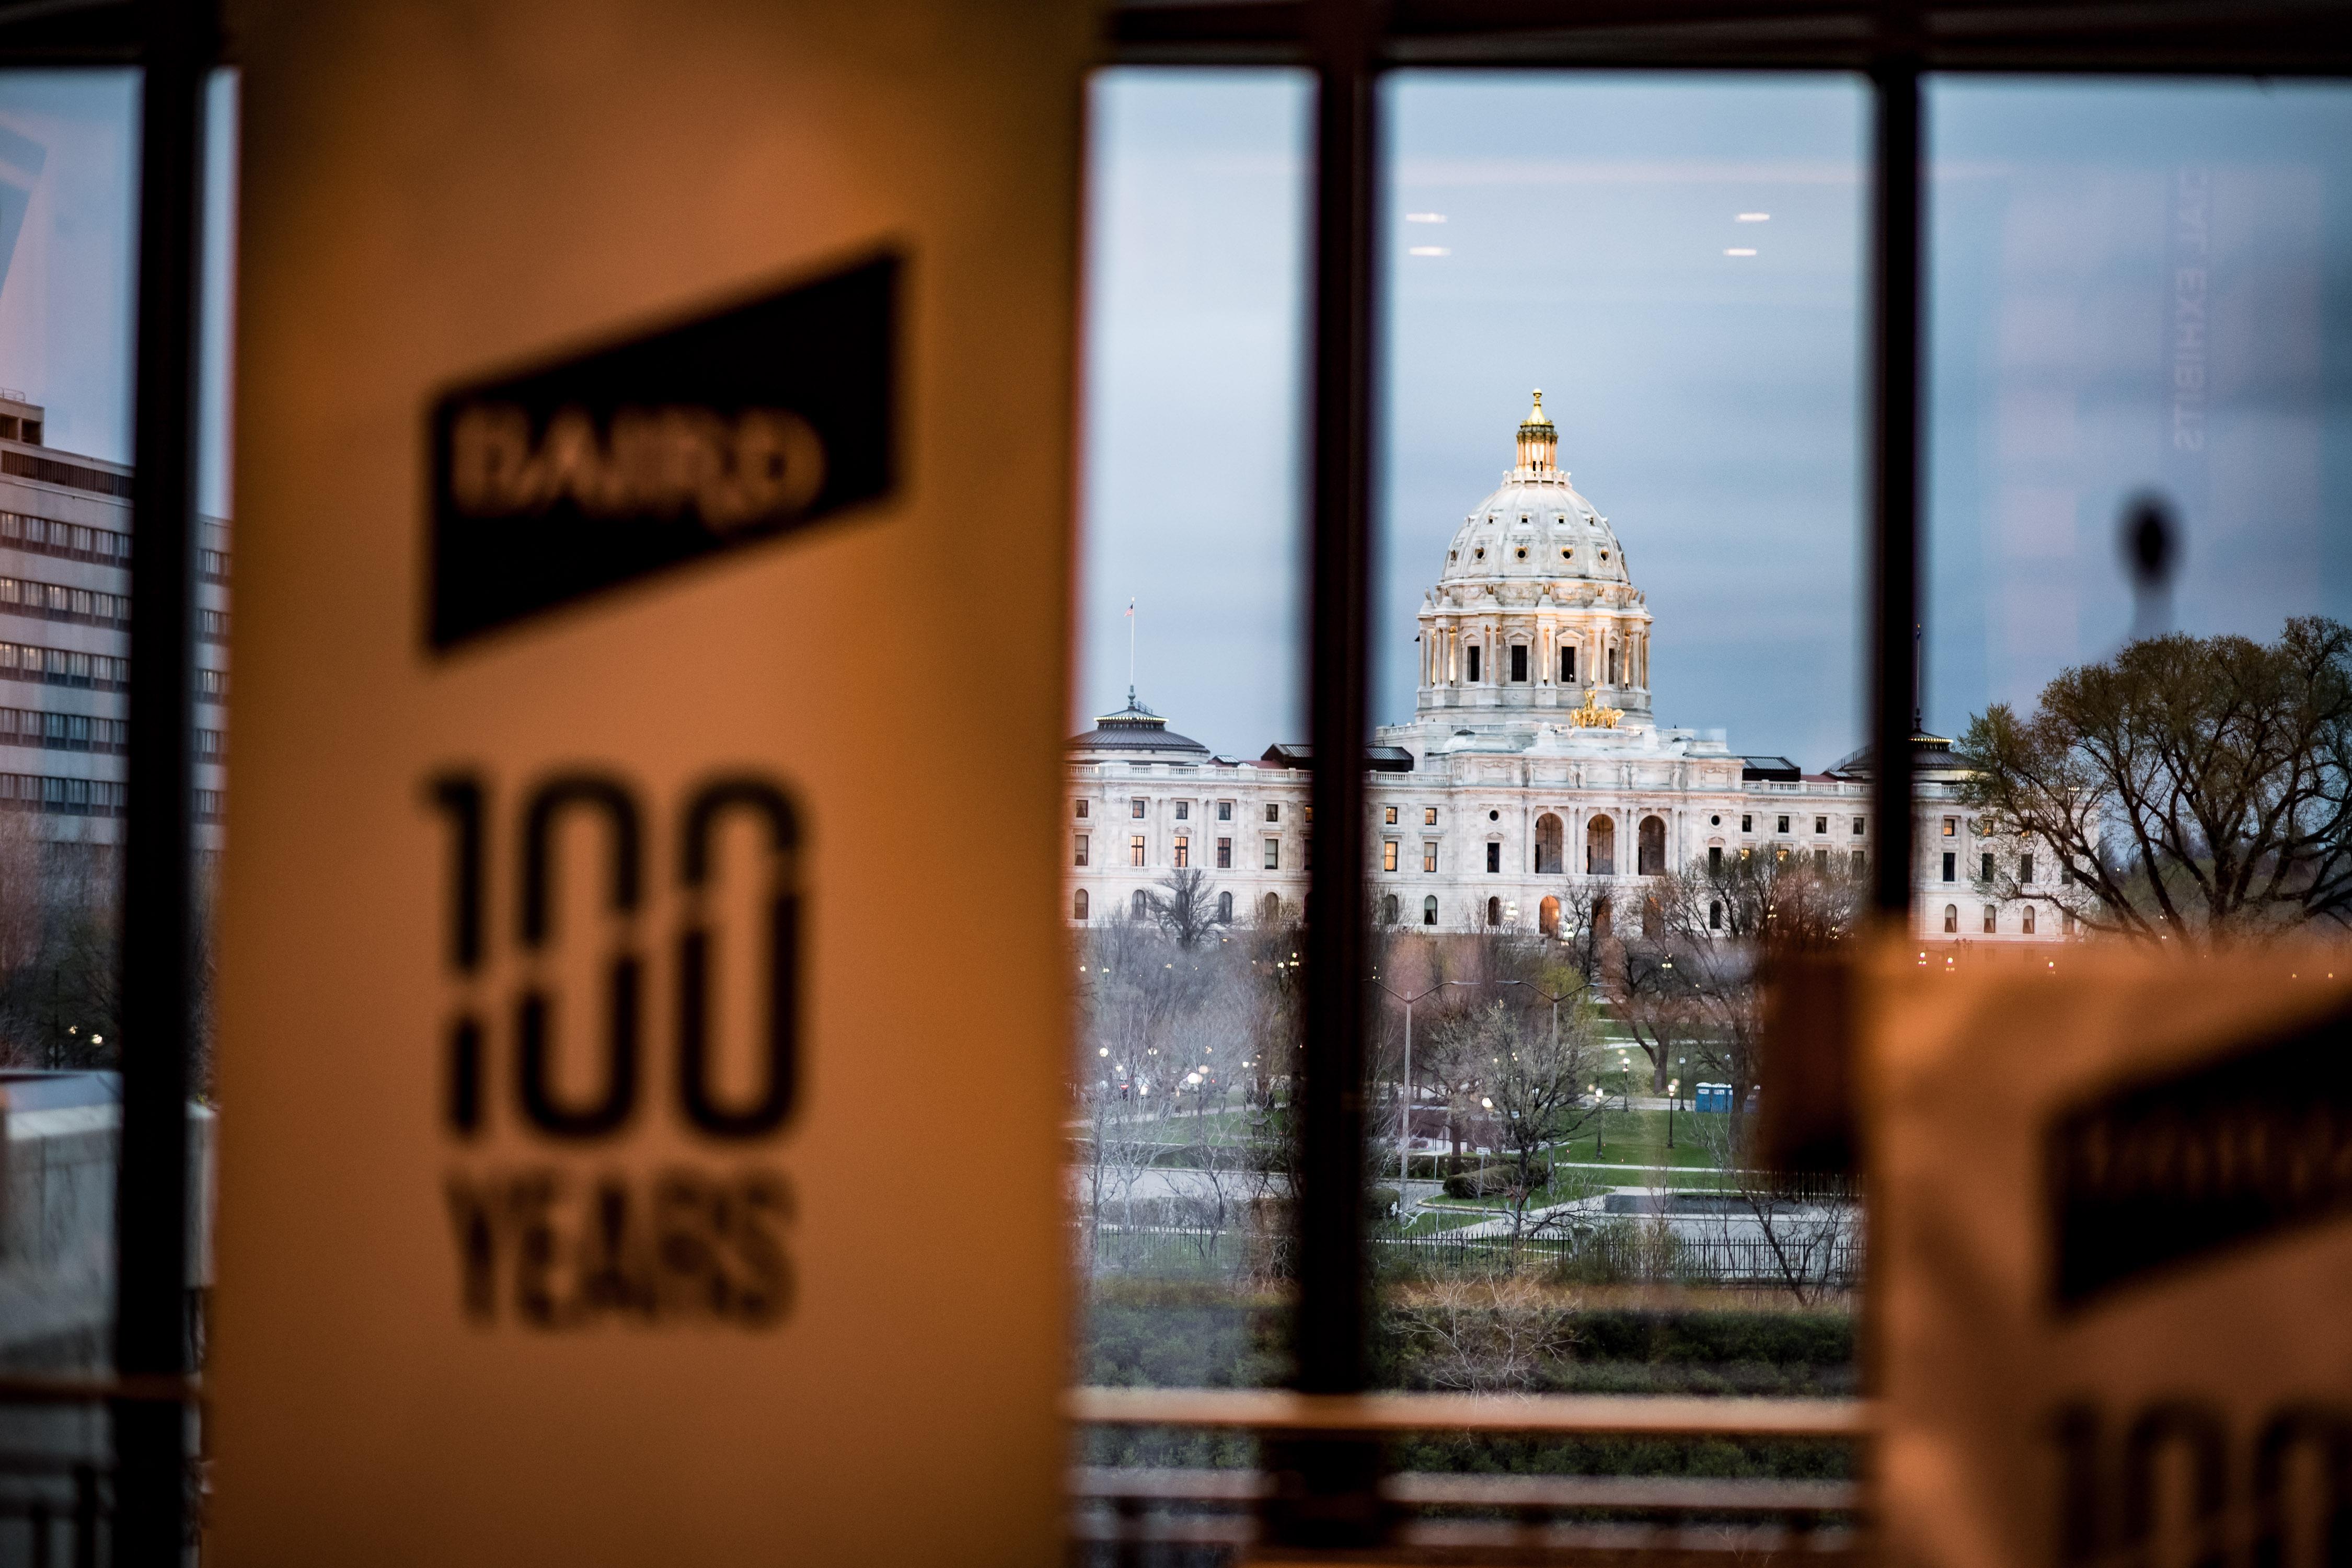 Baird 100 Year Banner